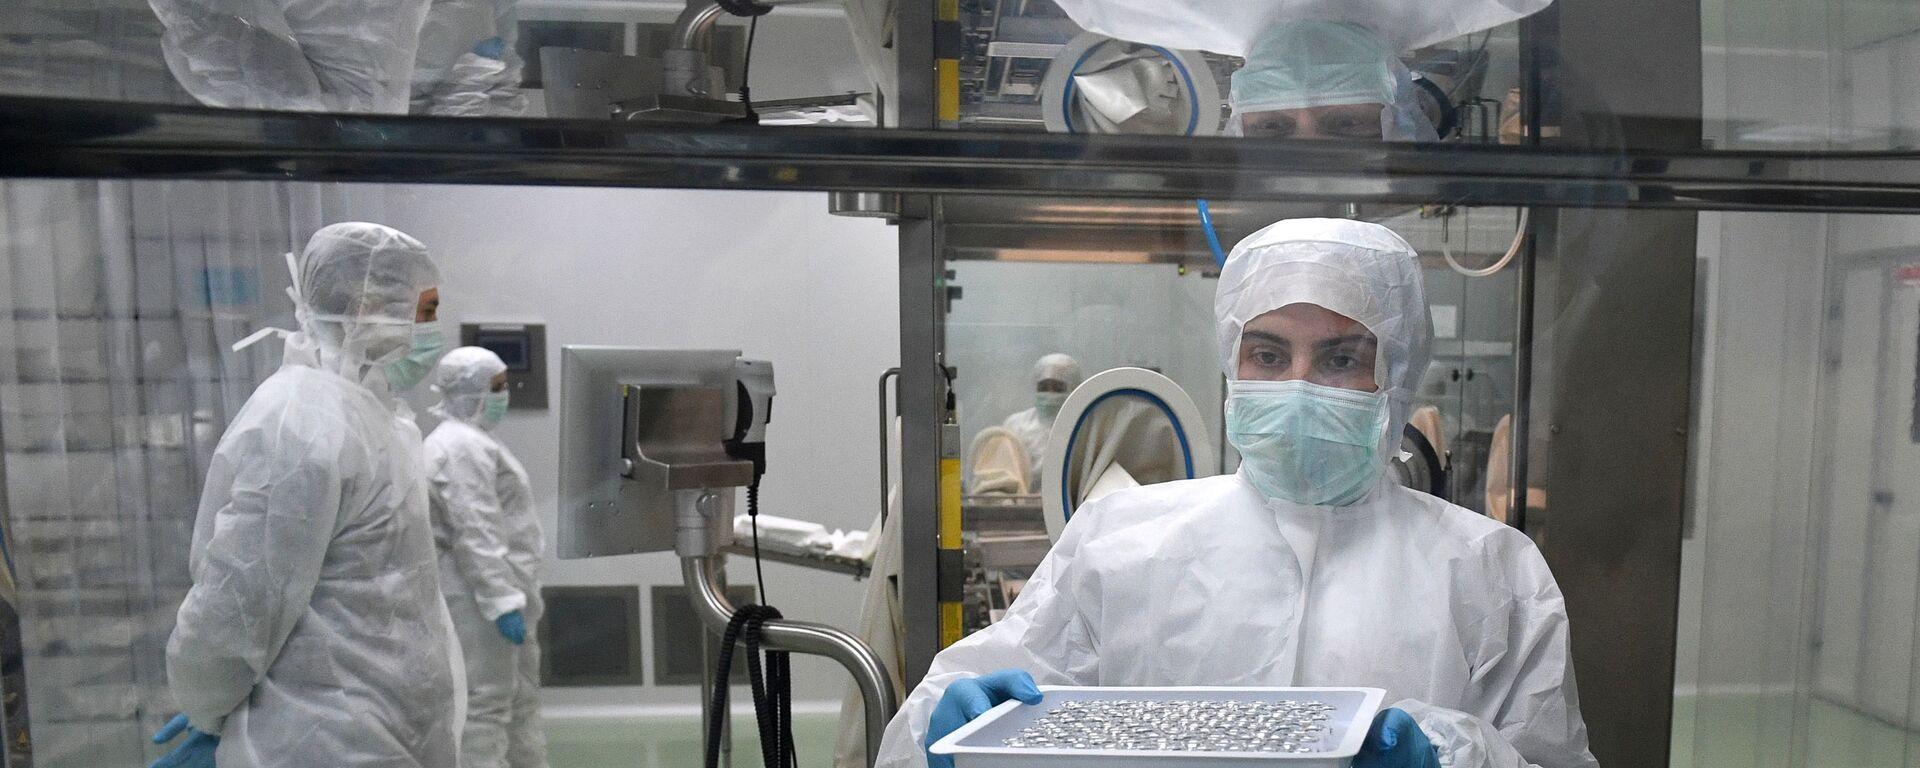 Сотрудники на линии розлива инъекционных препаратов шприц-доза вакцины ЭпиВакКорона - Sputnik Армения, 1920, 20.09.2021